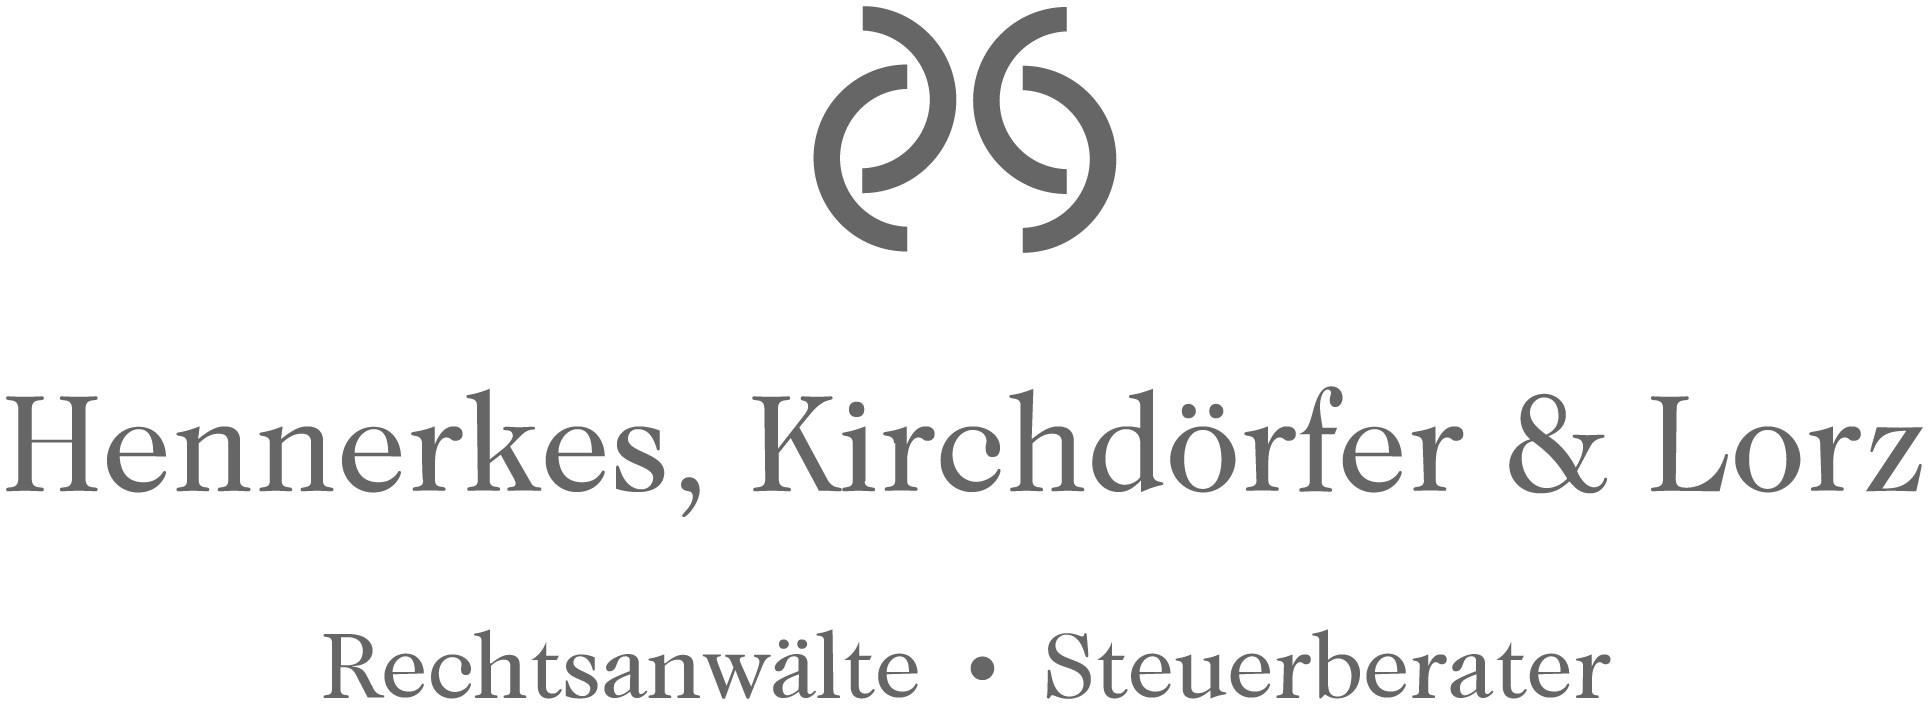 Hennerkes, Kirchdörfer & Lorz